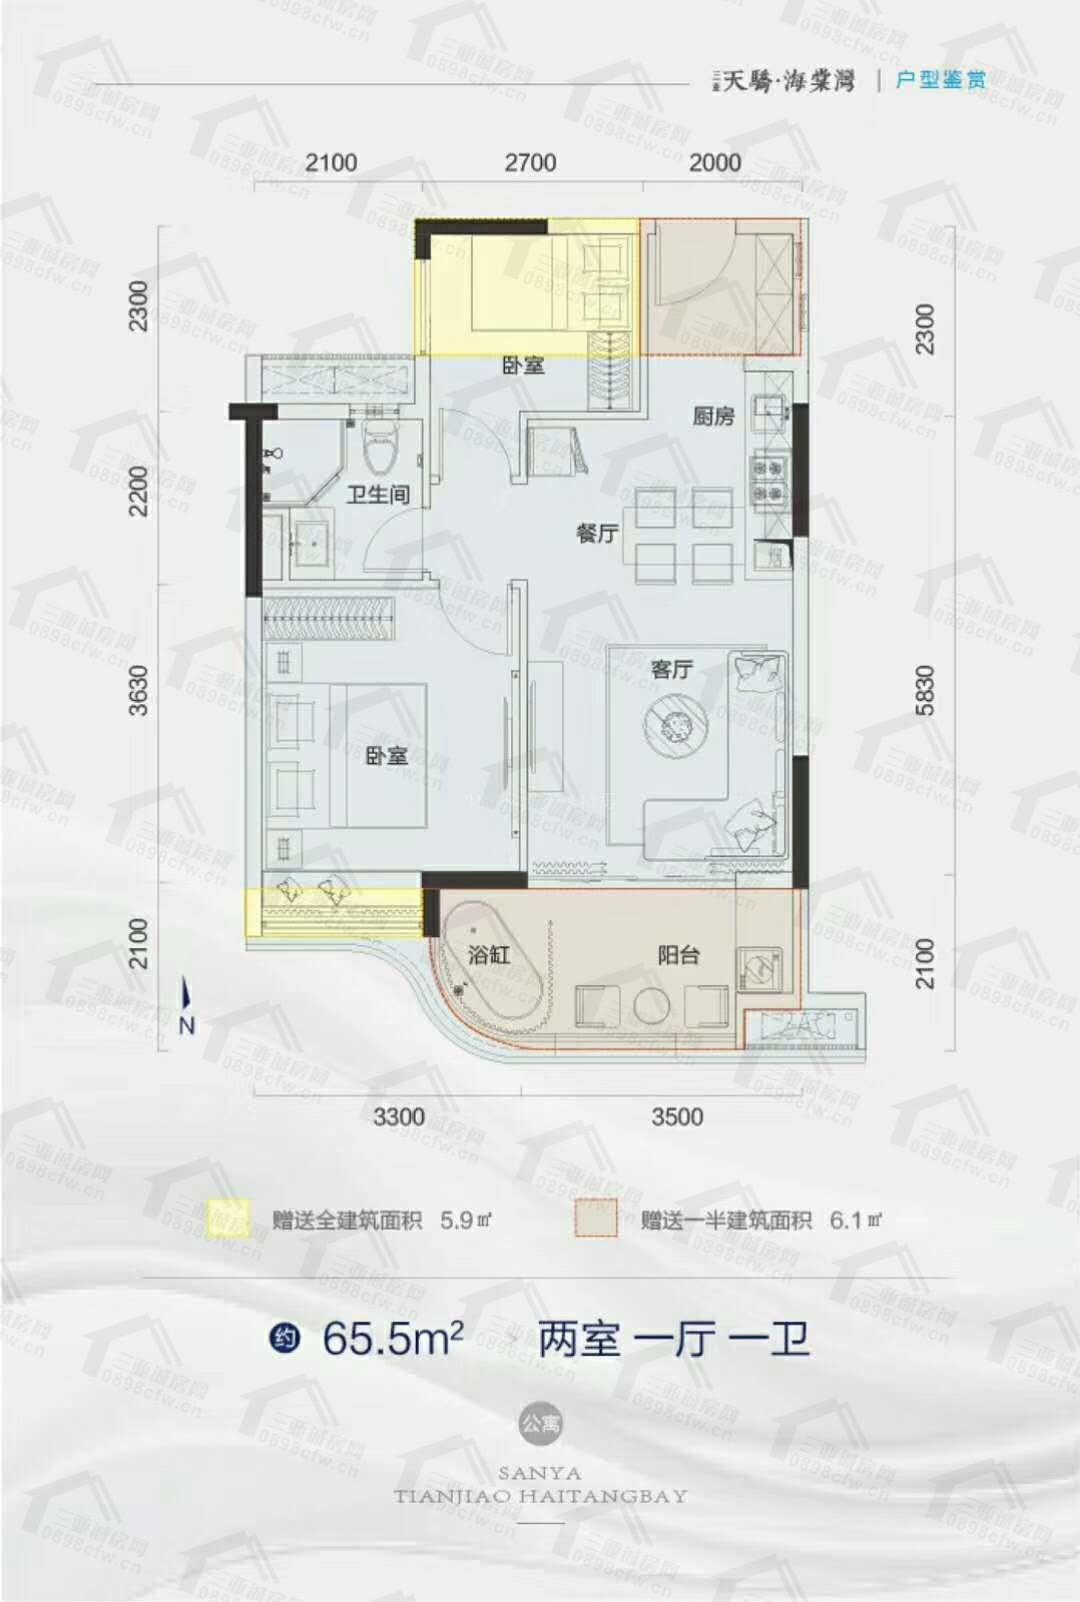 天骄海棠湾2房1厅1卫